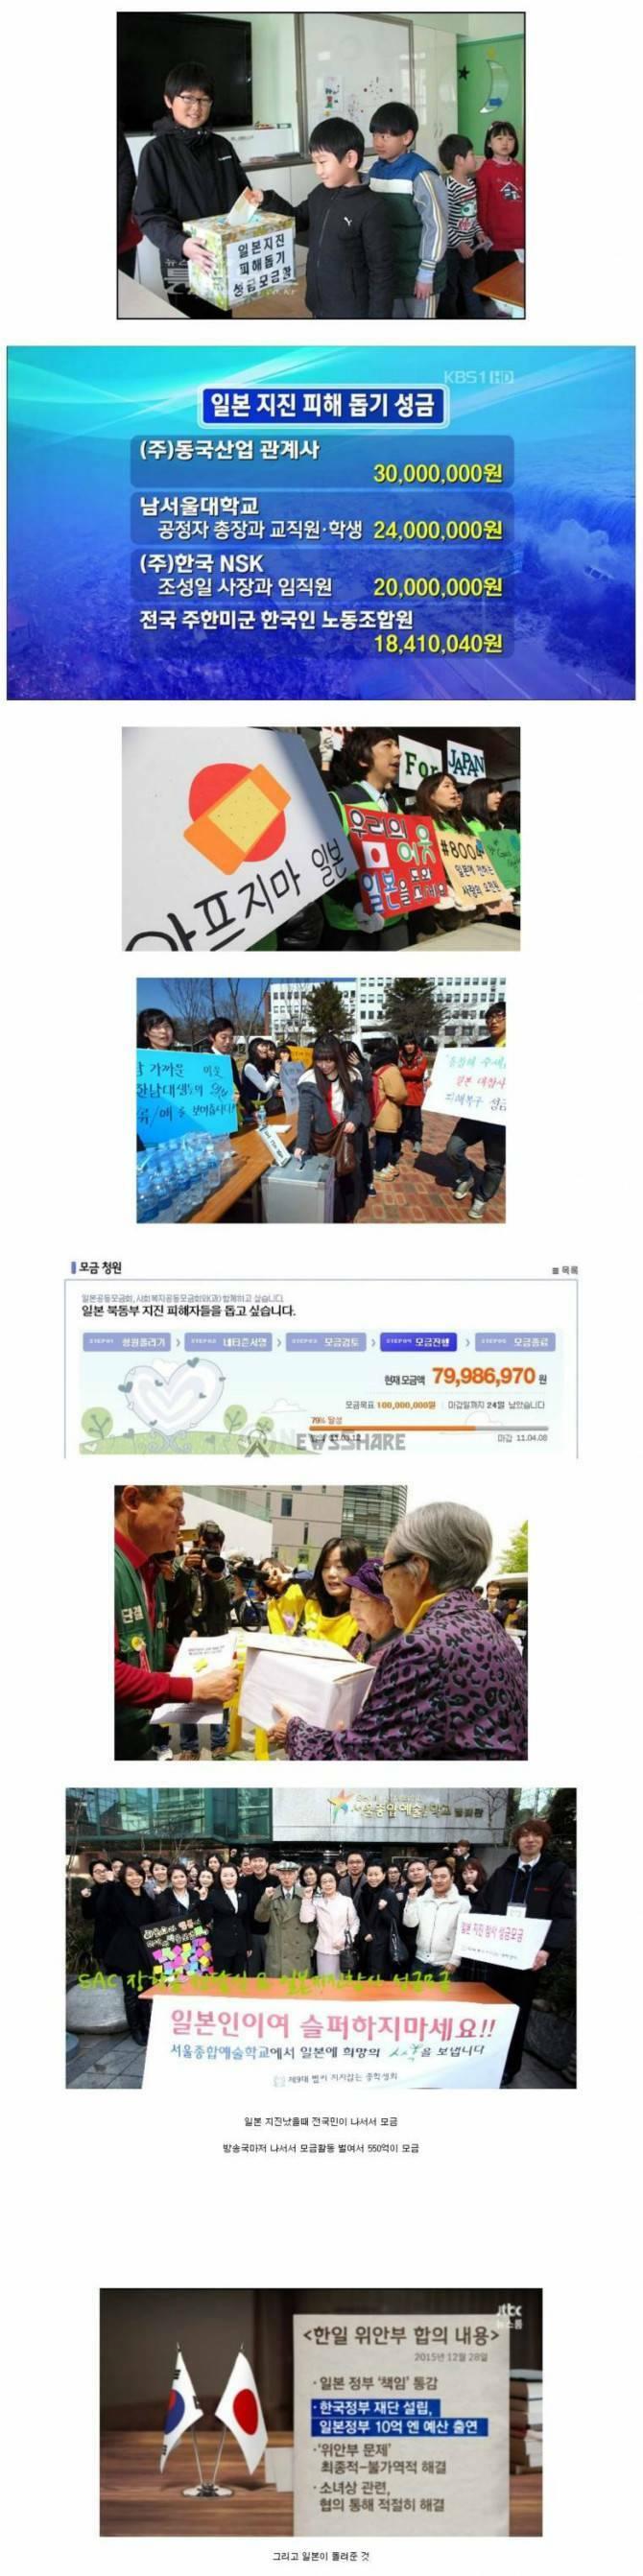 일본 지진 일본 지진 피해 돕기 성금 동국 산업 관계 남서울대 학교 한국 전국 미군 한국인